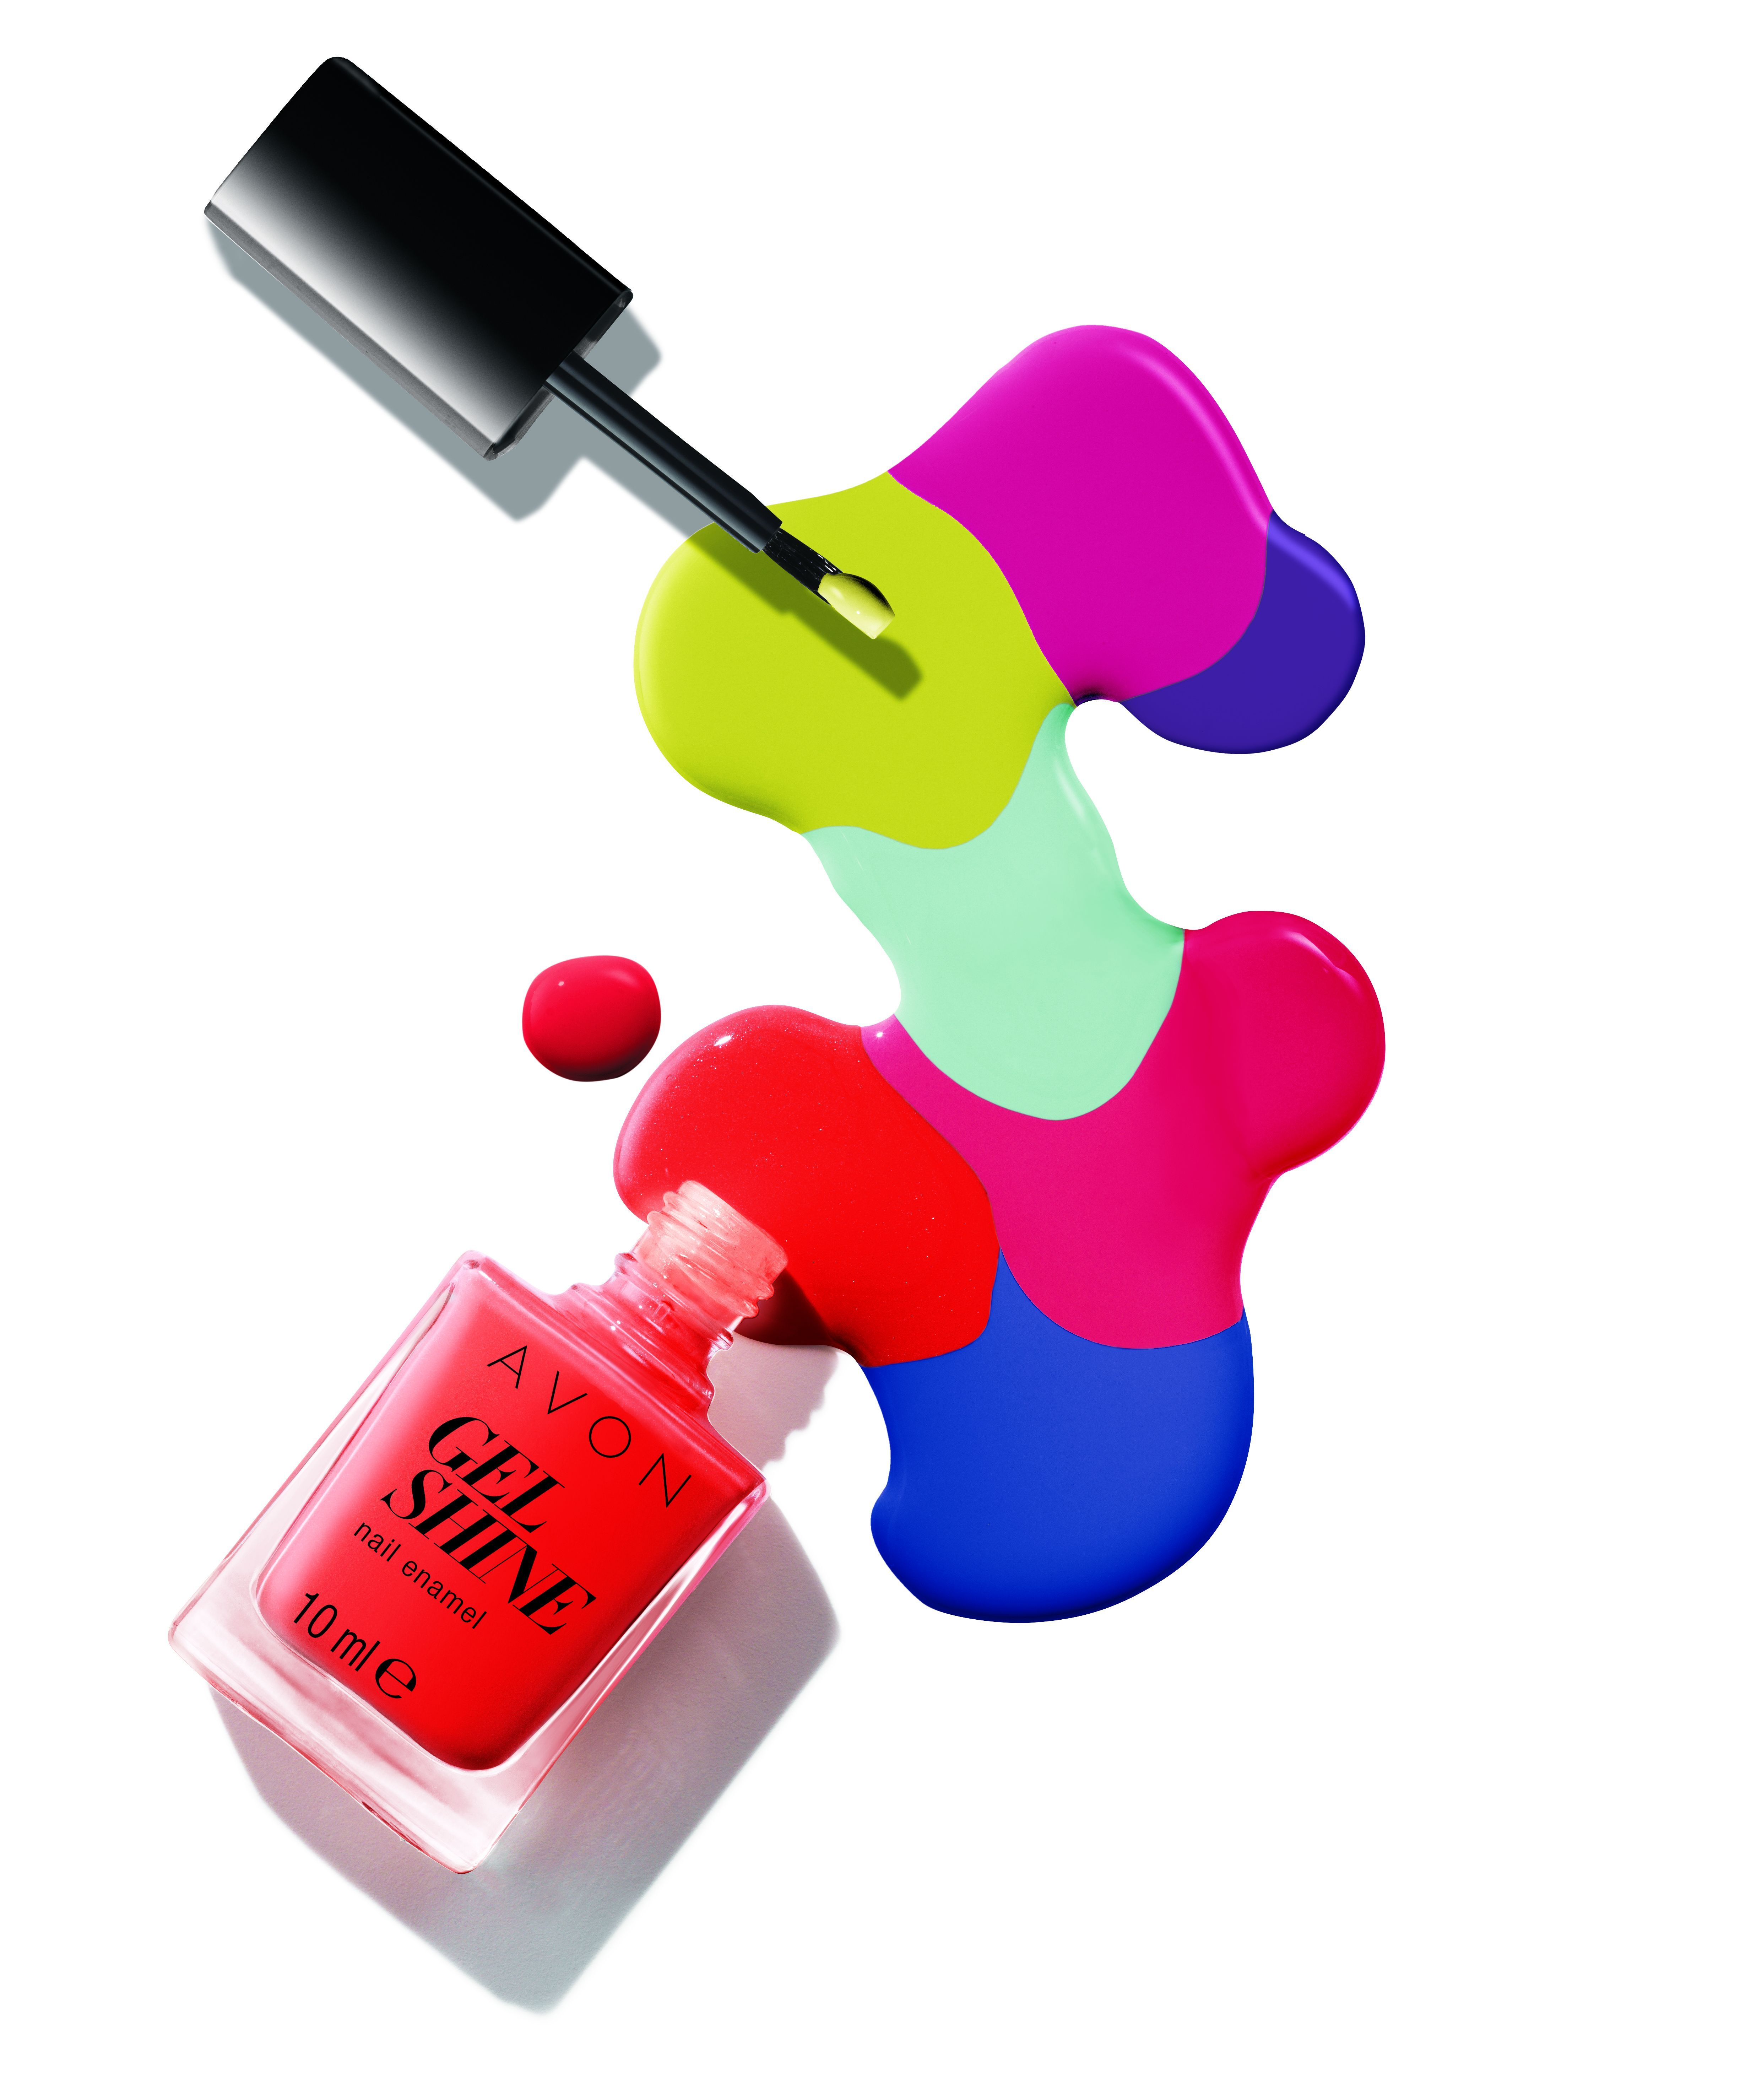 Paleta boja lakova za nokte kojoj nećete odoljeti